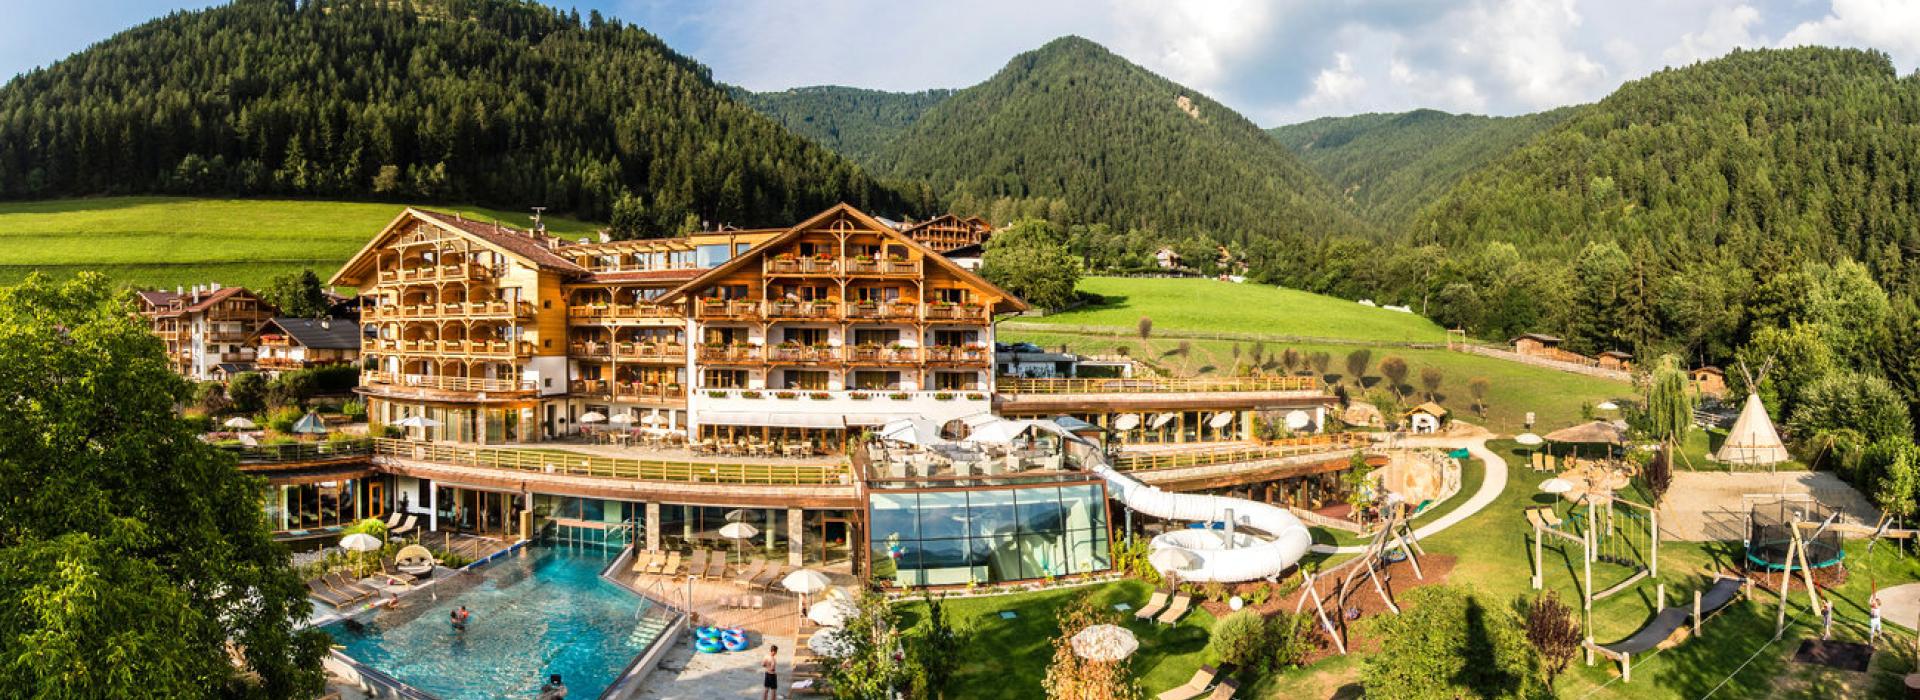 Отель Sonnwies 4*